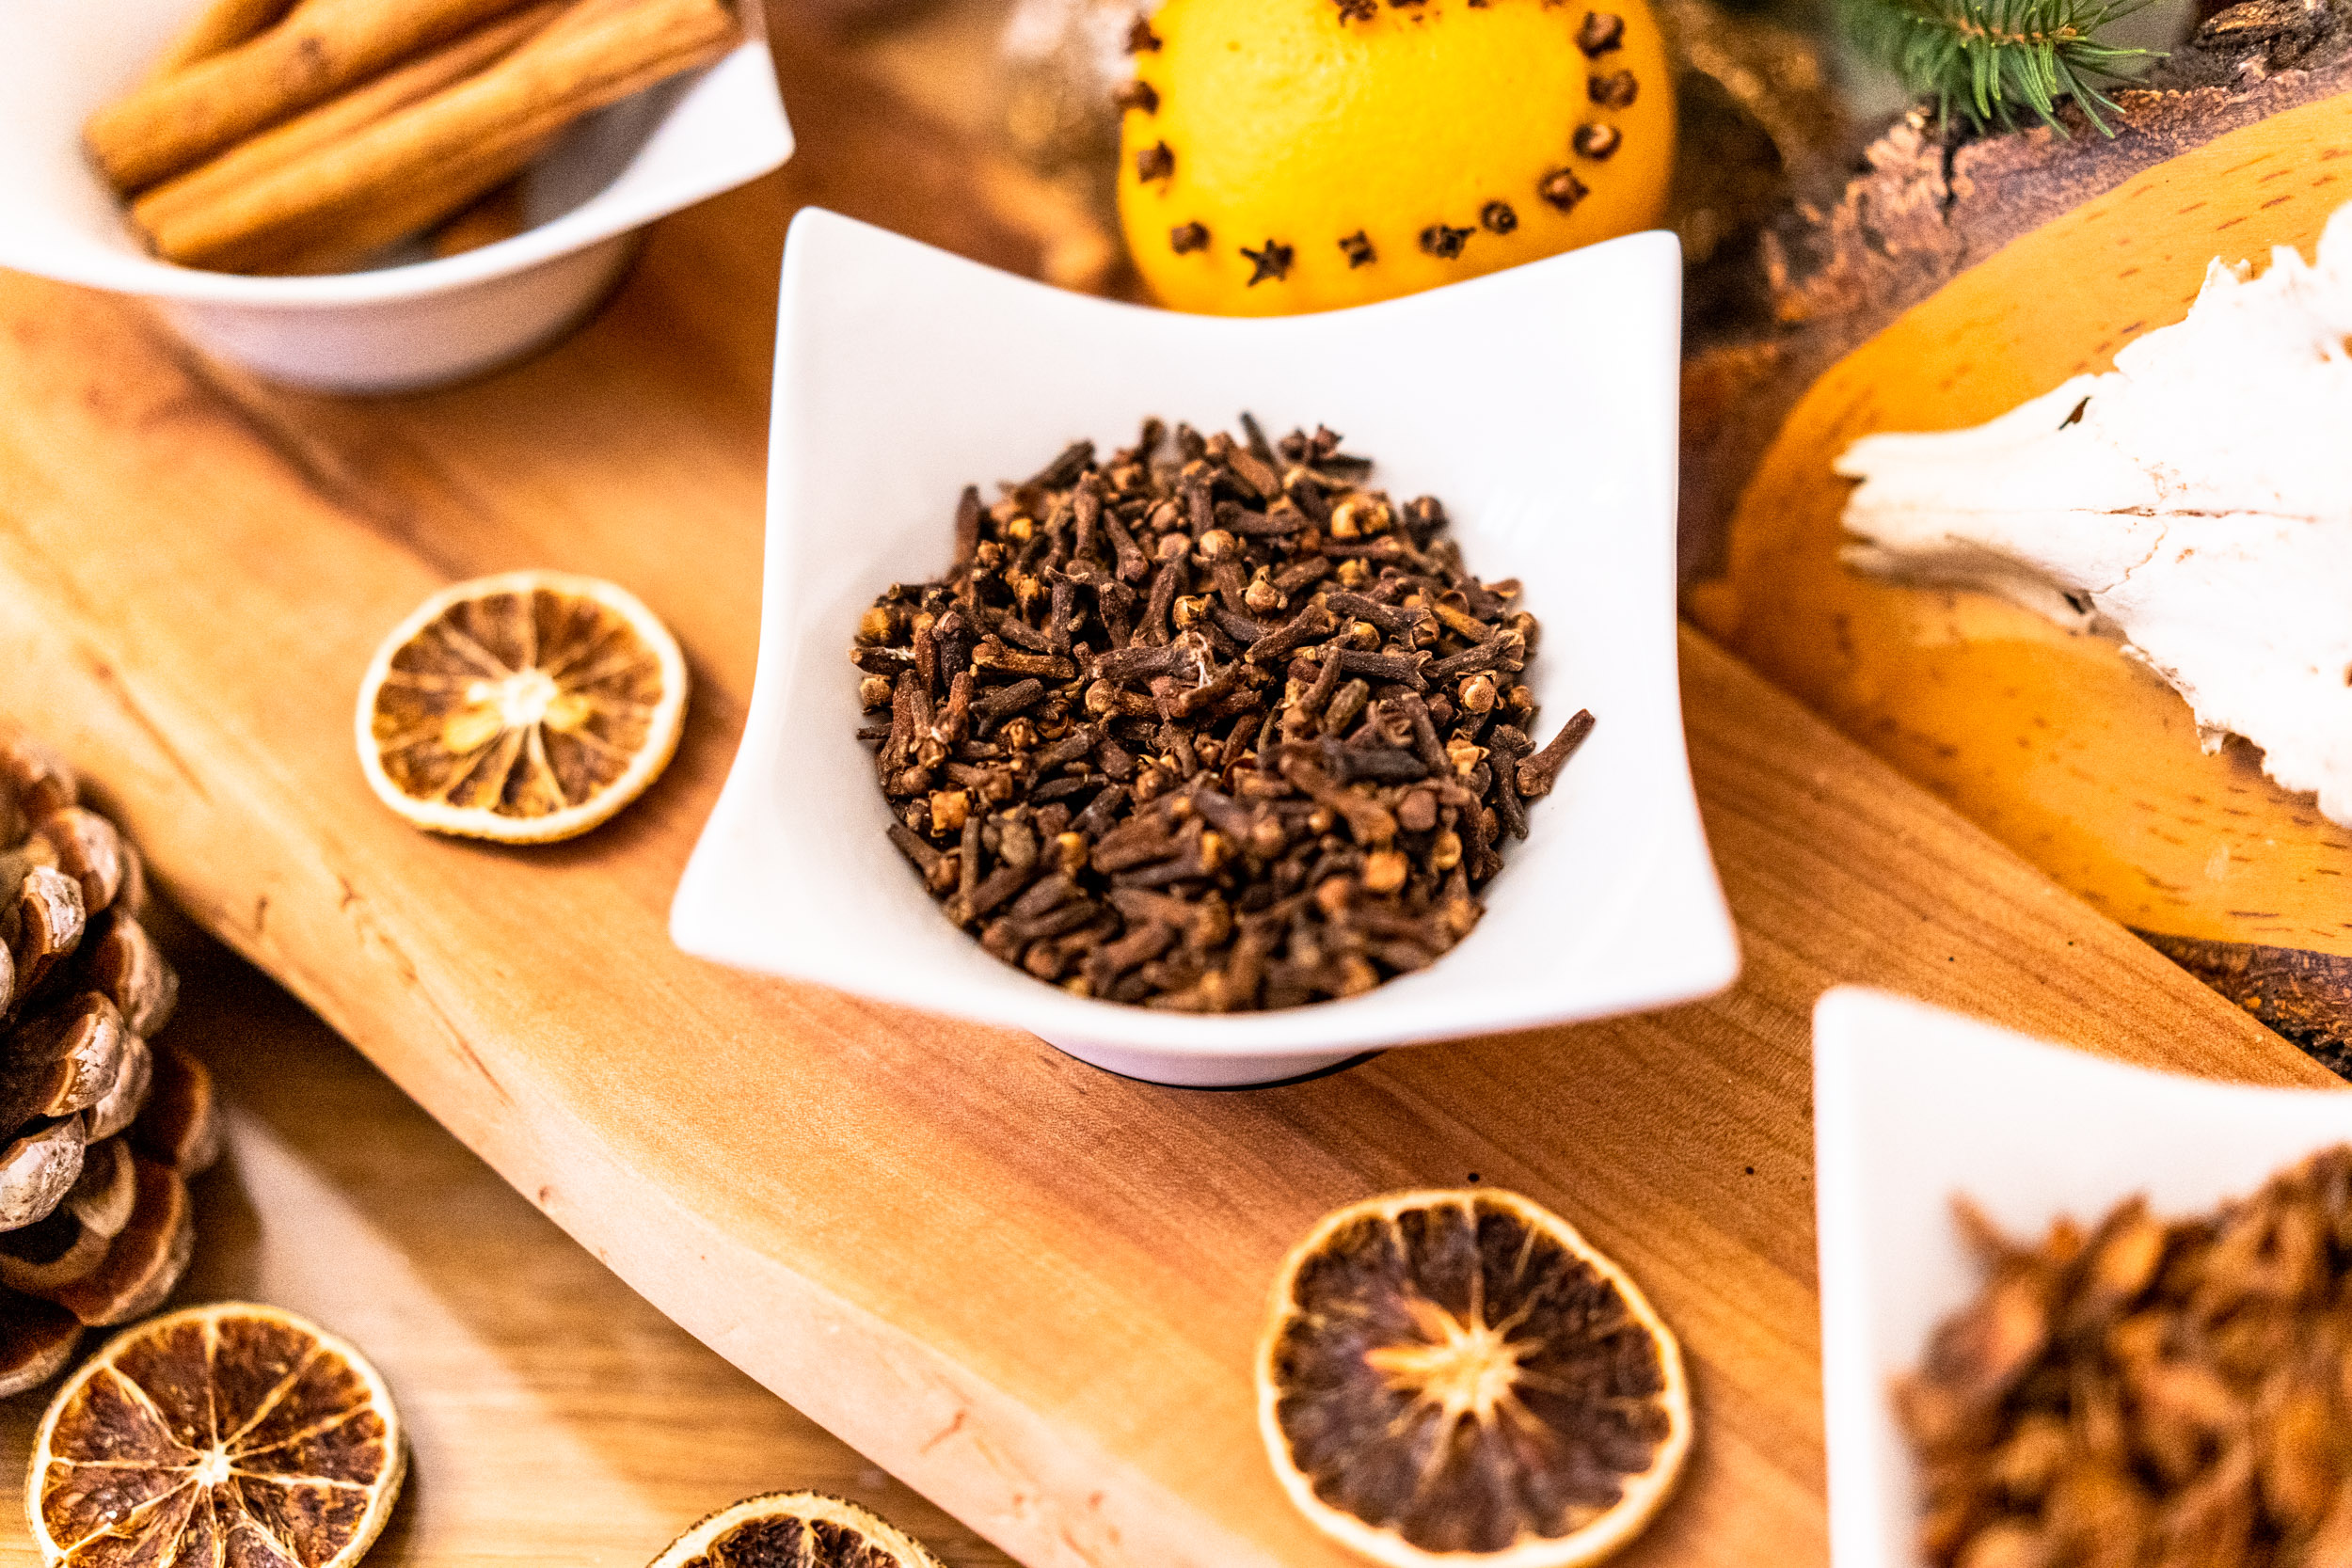 Nelken eignen sich hervorragend zum Spicken von Orangen als Deko aber verleihen auch winterlichen Speisen und Getränken eine würzige Note